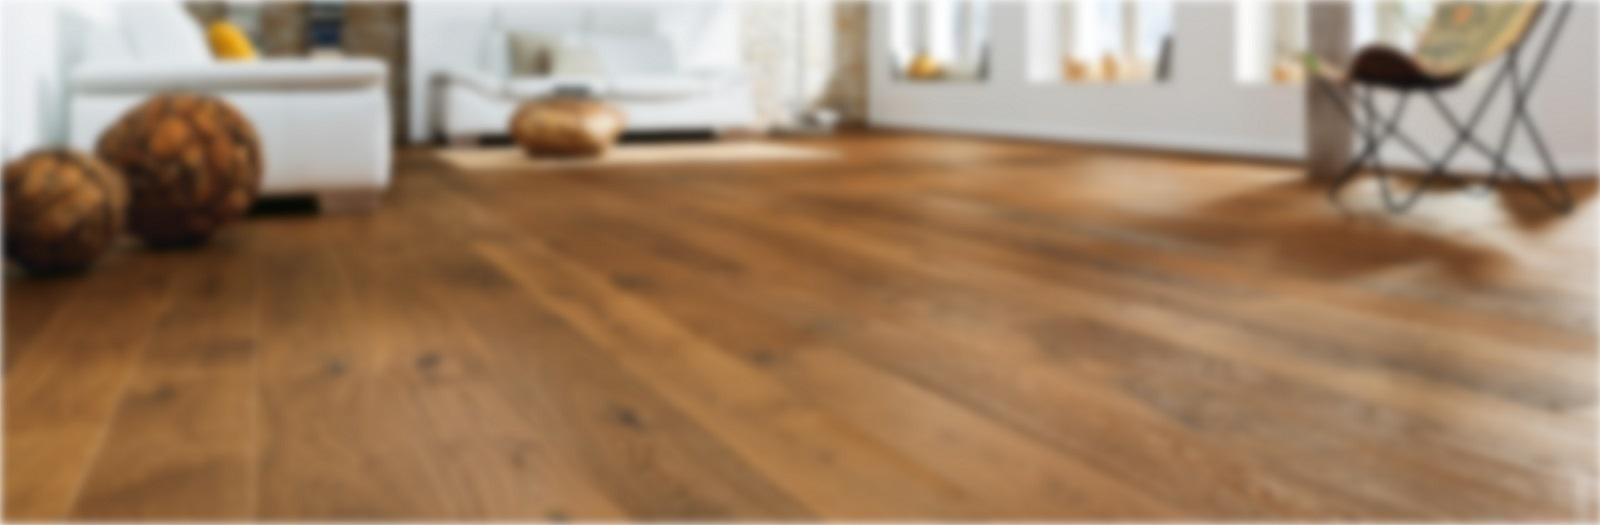 Qu tipos de suelos de madera hay maderea - Tipos de suelos de madera ...